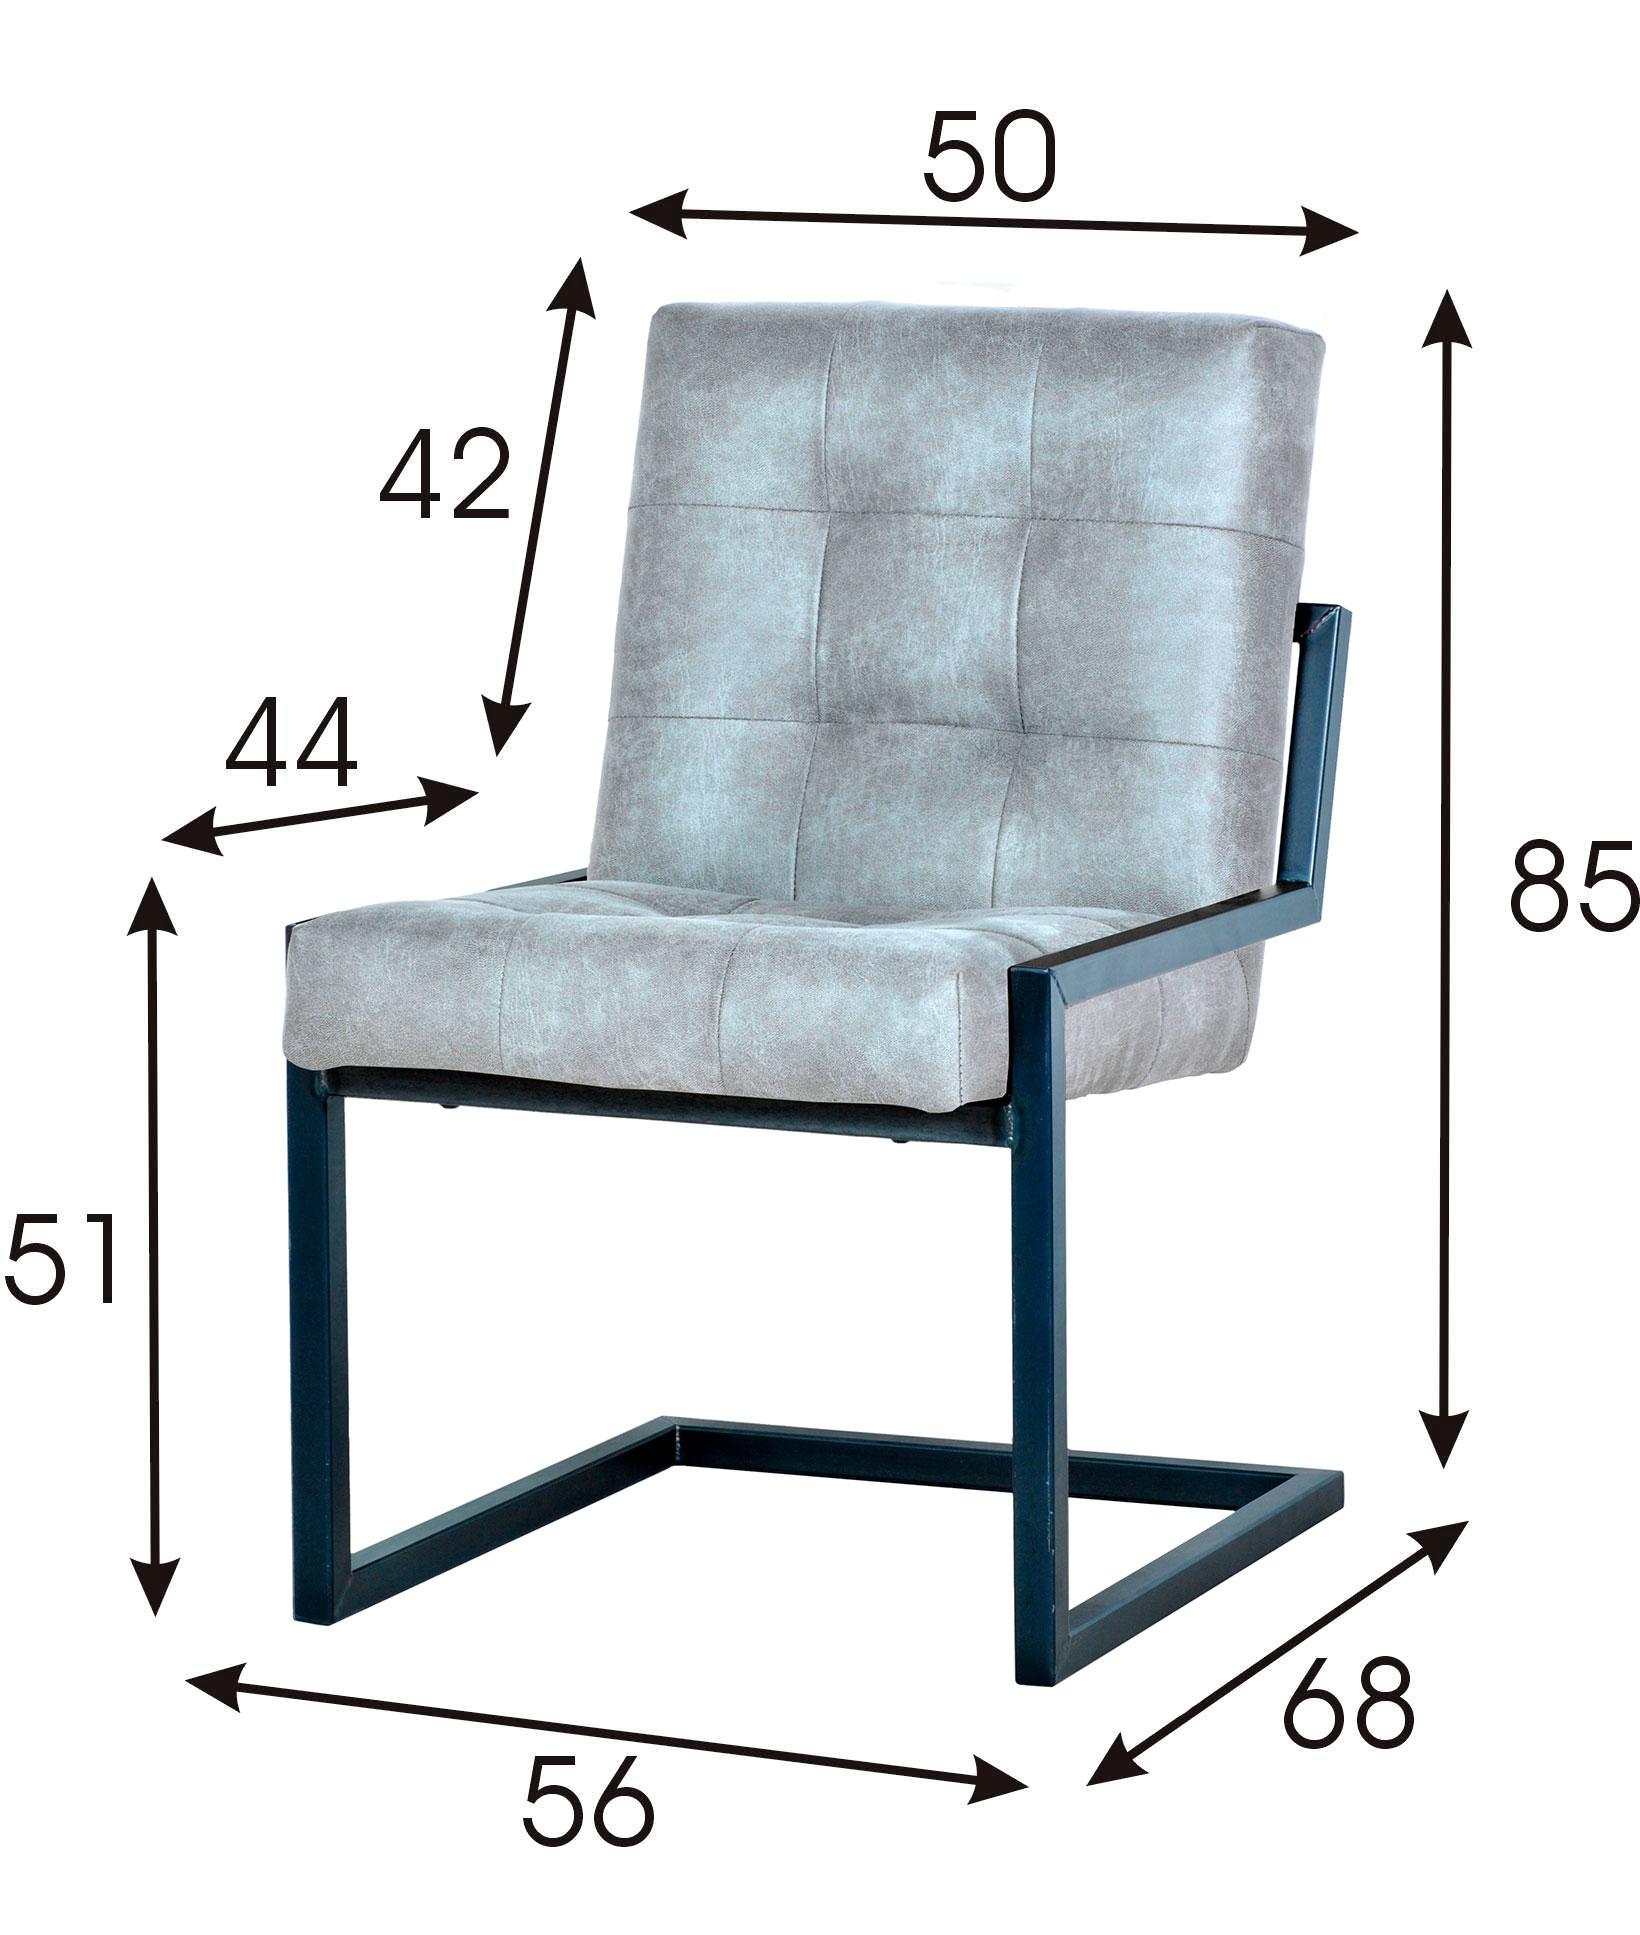 Cadira-szycie-B-wymiary